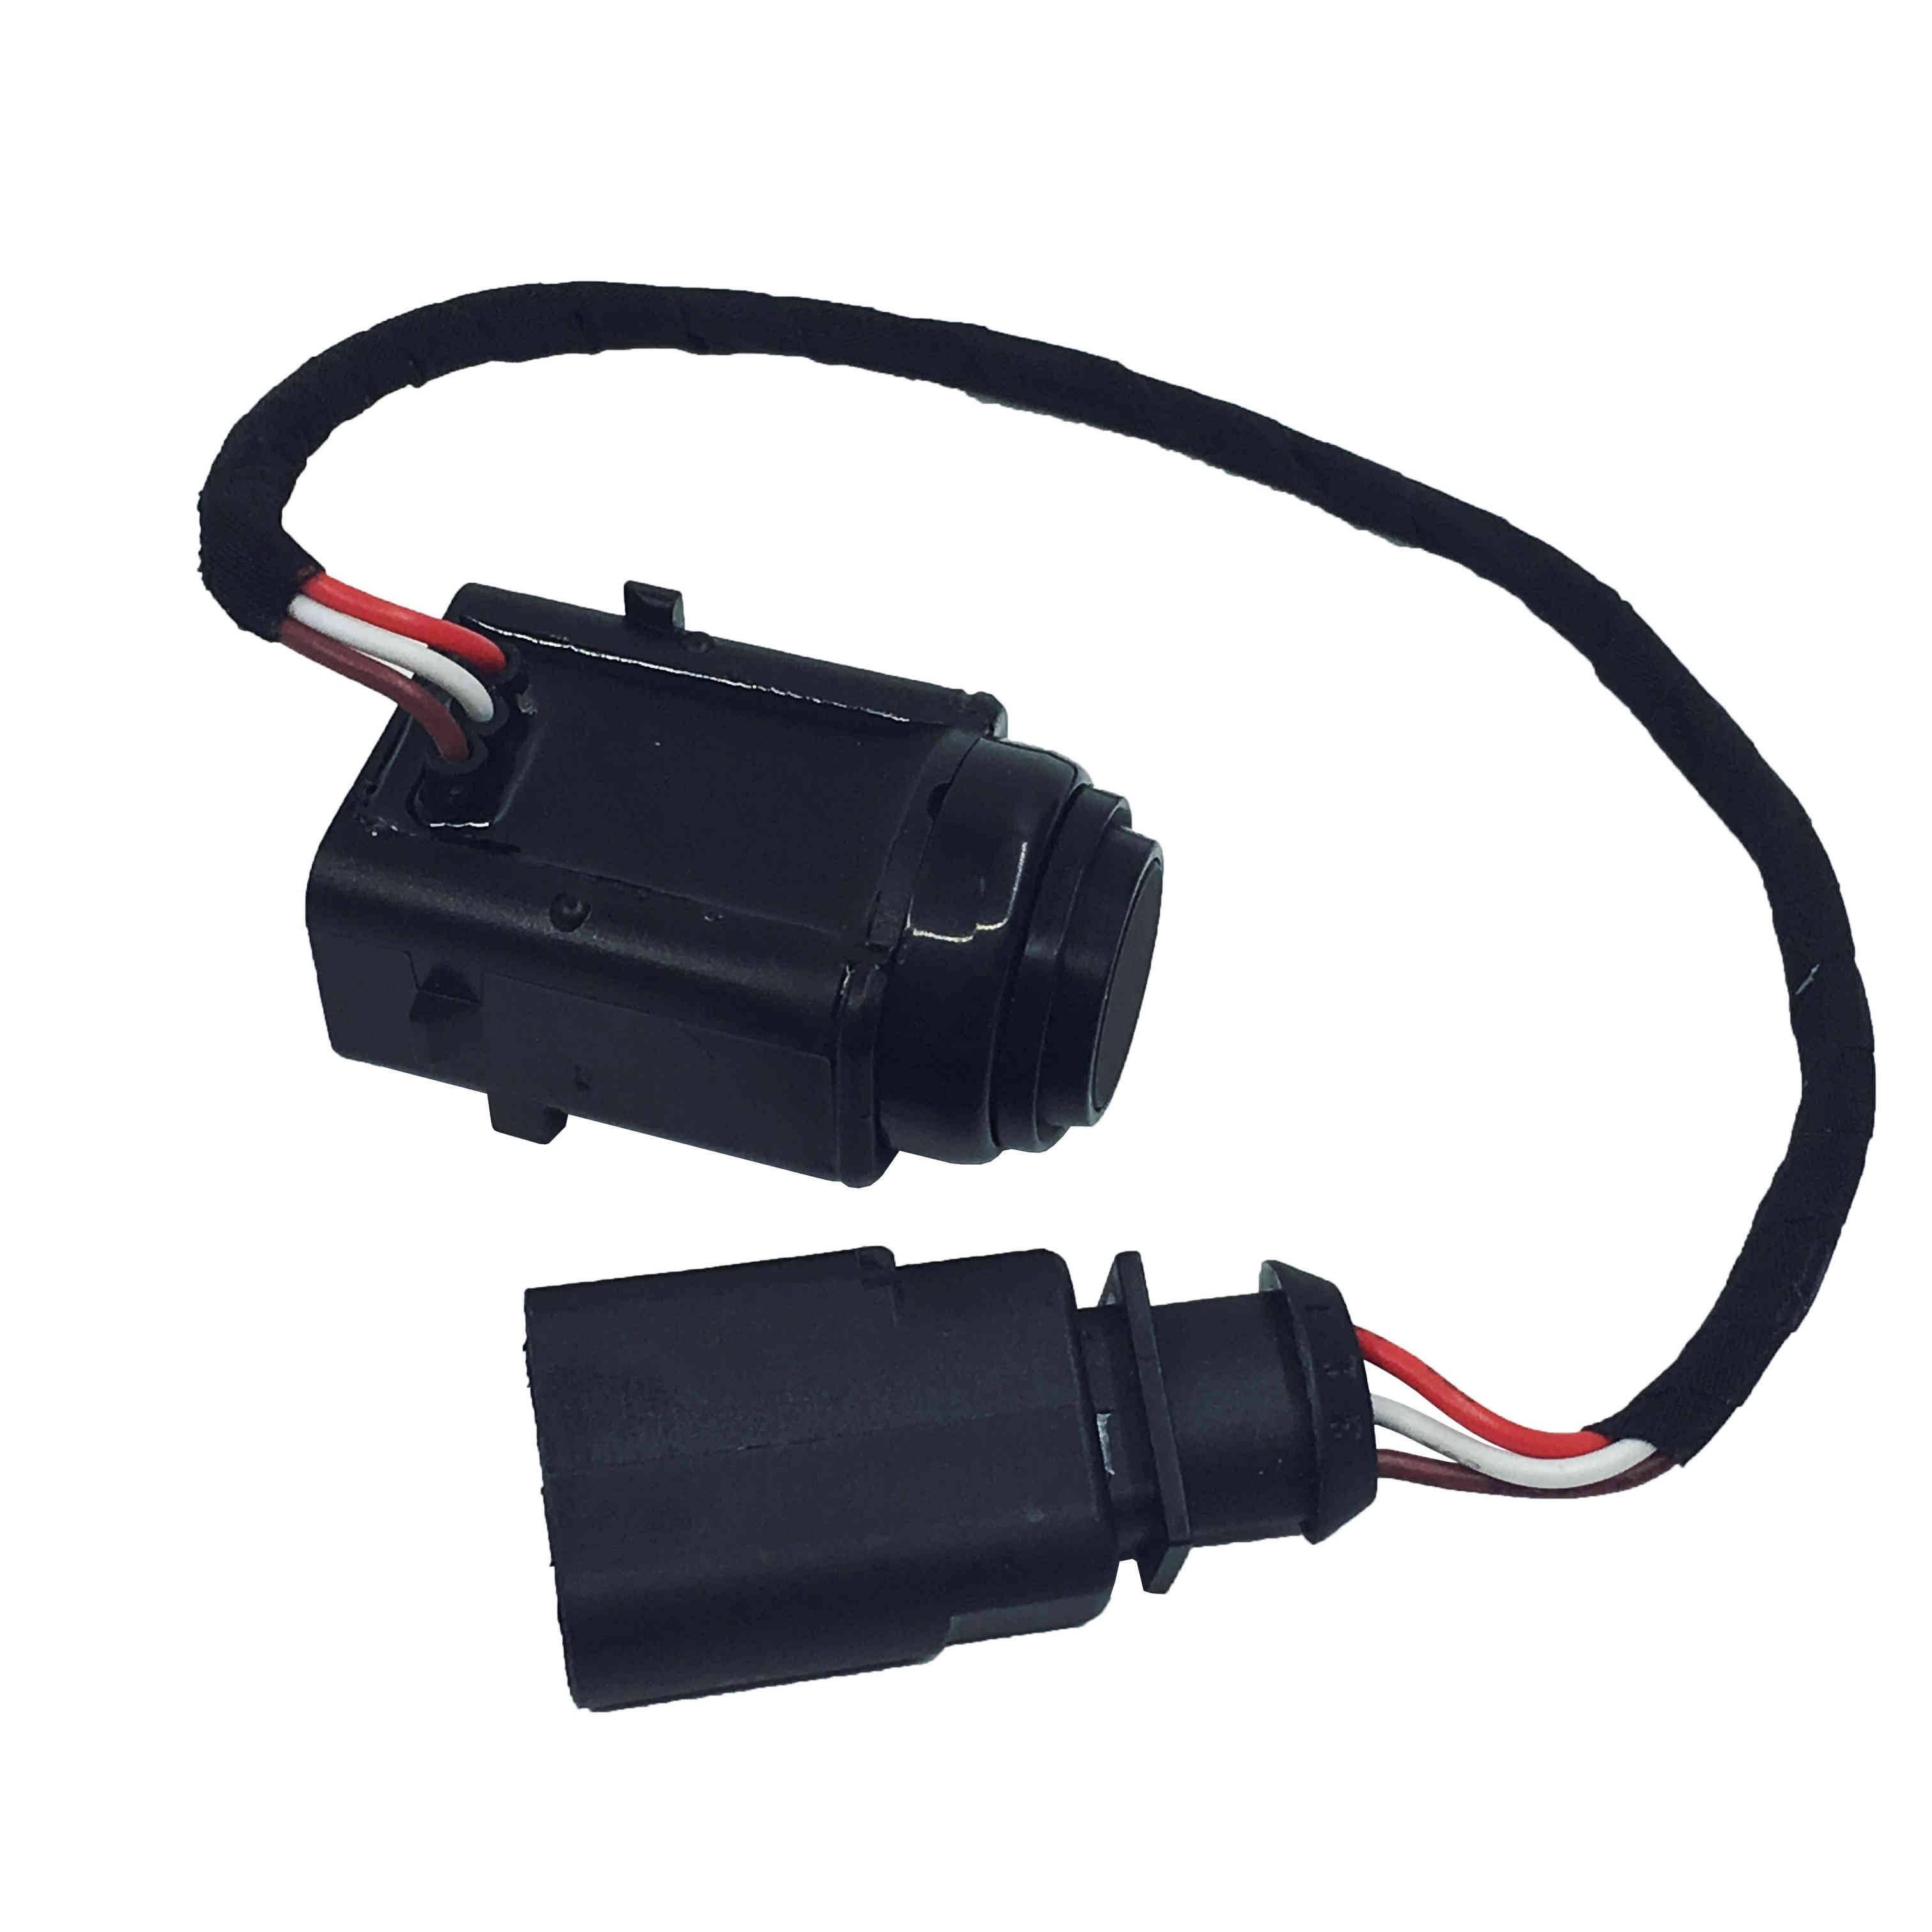 3D0 919 275 C / 3D0 919 275 B PDC Parking Sensor Fits Audi